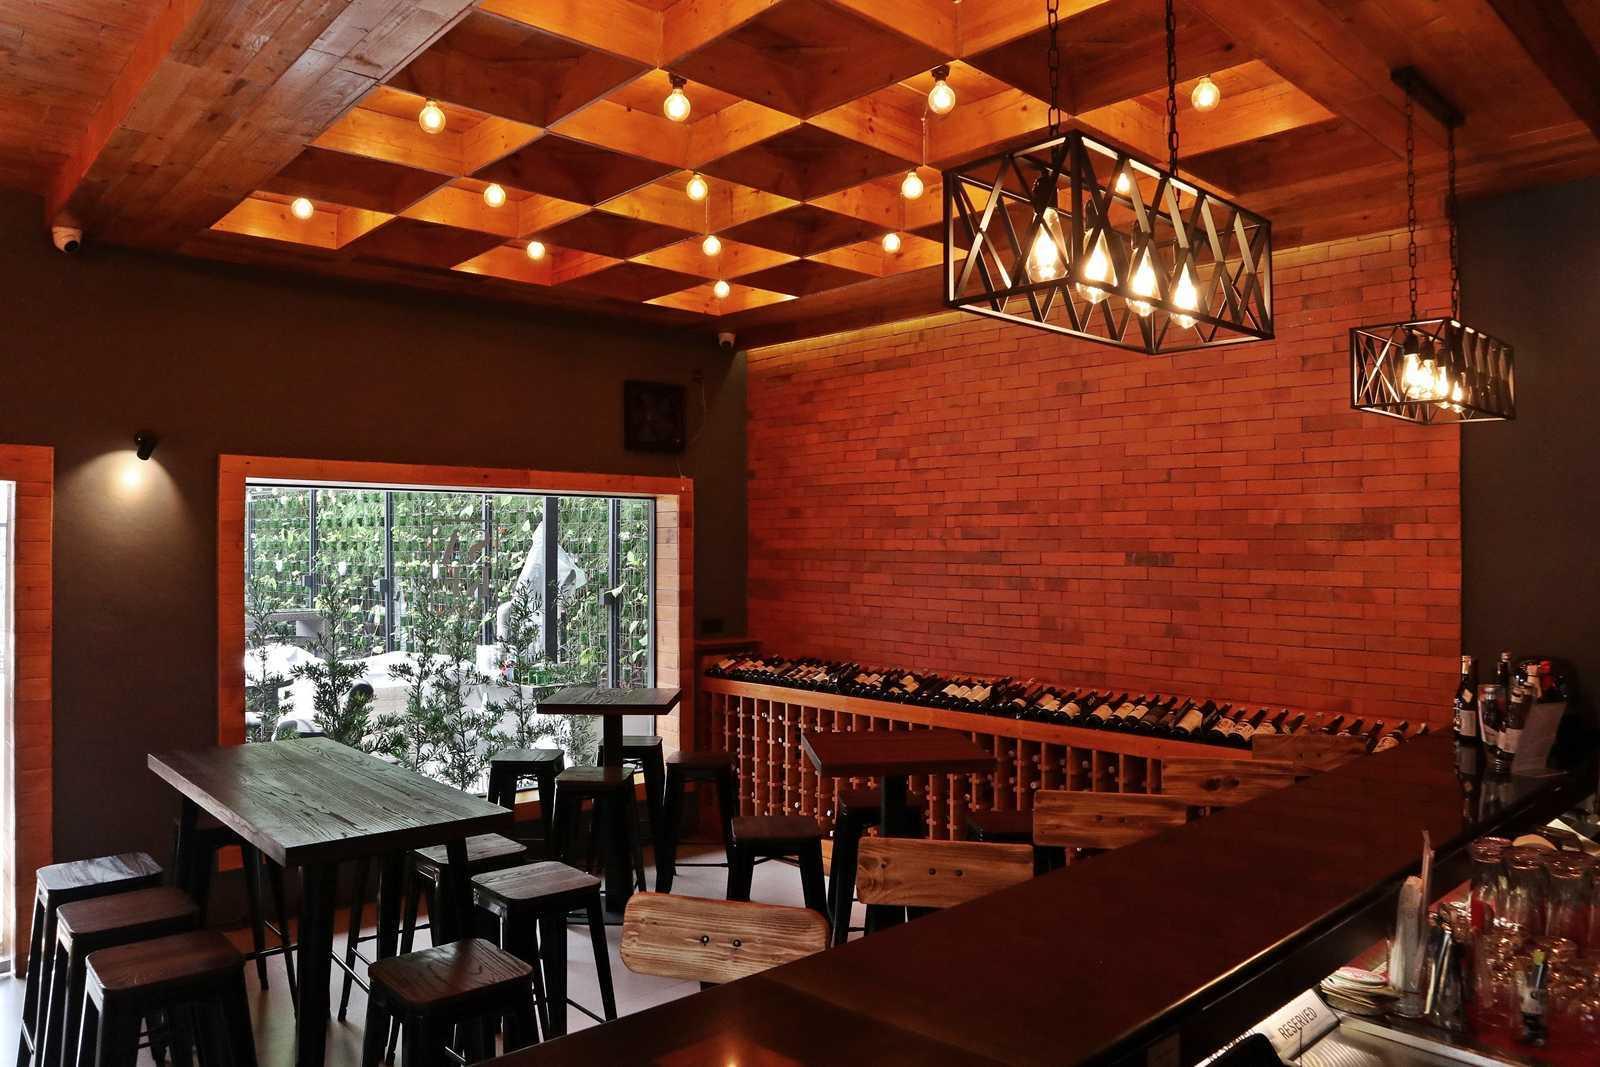 Bd Studio The Traders - Wine Sake Room Medan, Kota Medan, Sumatera Utara, Indonesia Medan, Kota Medan, Sumatera Utara, Indonesia Bd-Studio-The-Trader-Wine-Sake-Room  74080